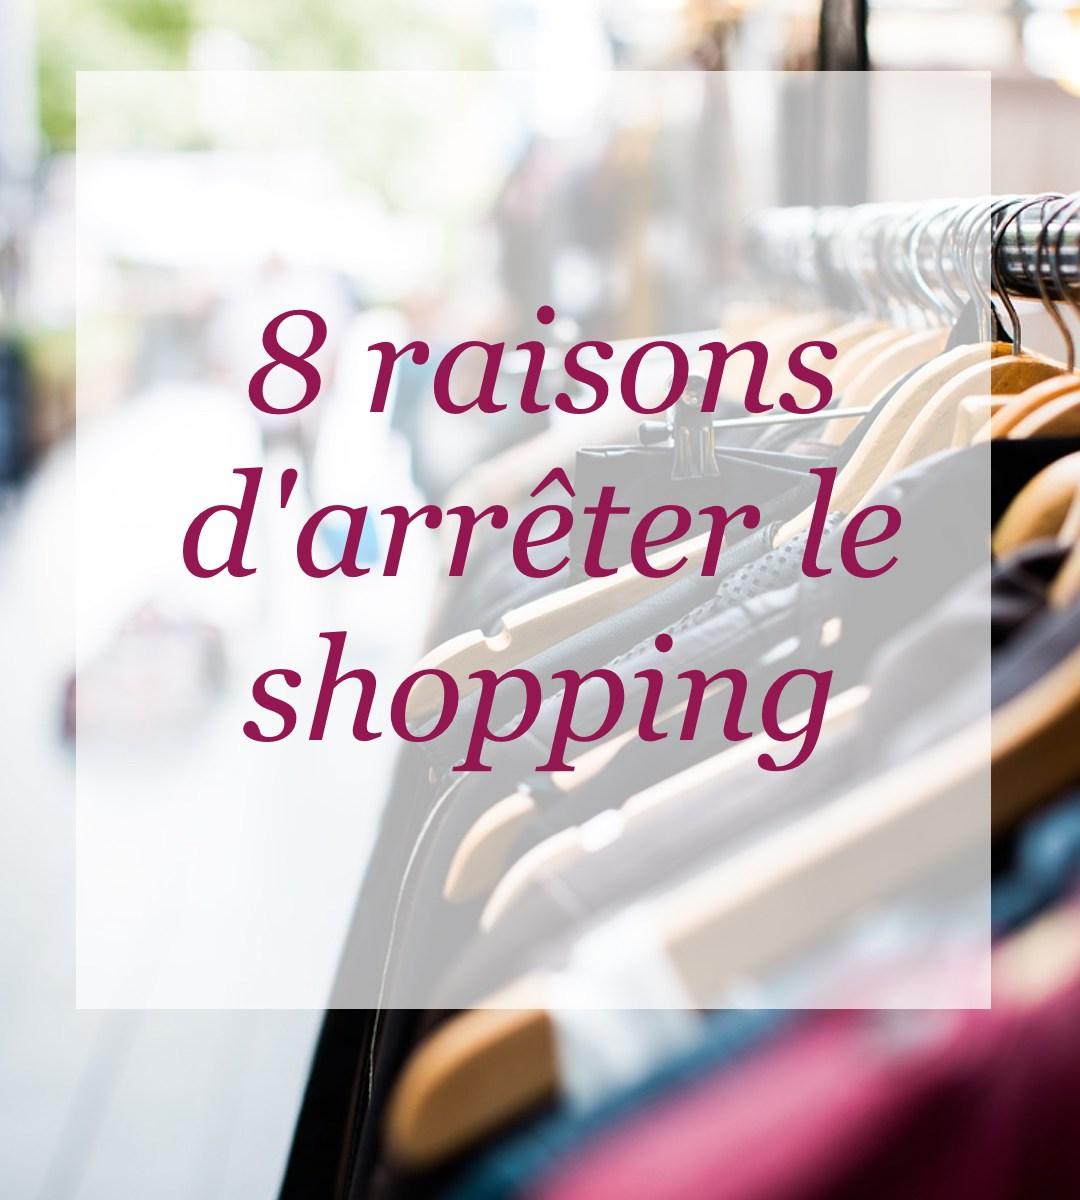 8-raisons-d-arreter-le-shopping